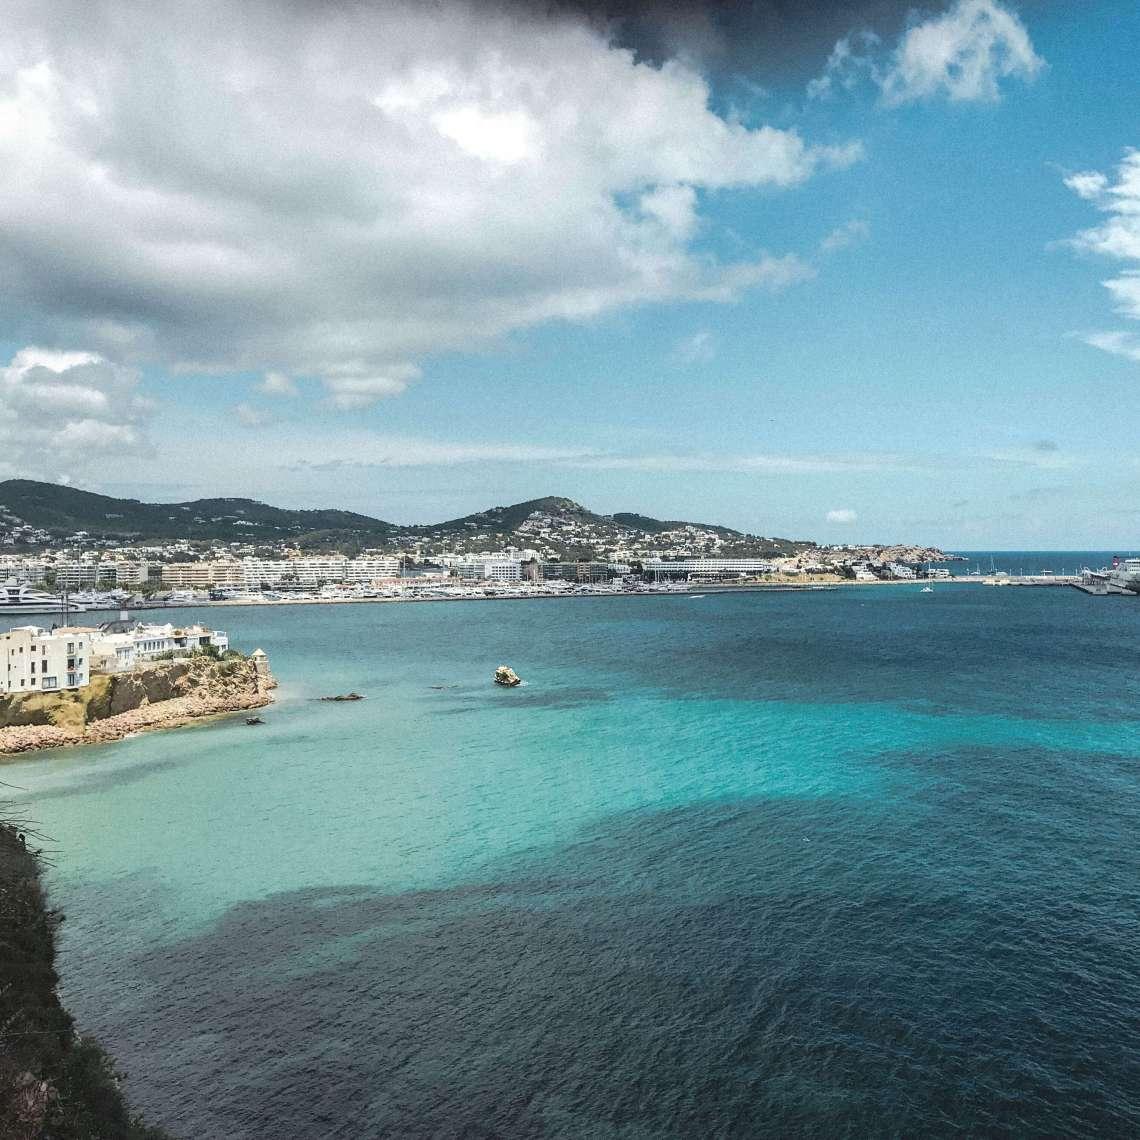 centro di Ibiza-vista dalla citta vecchia 2